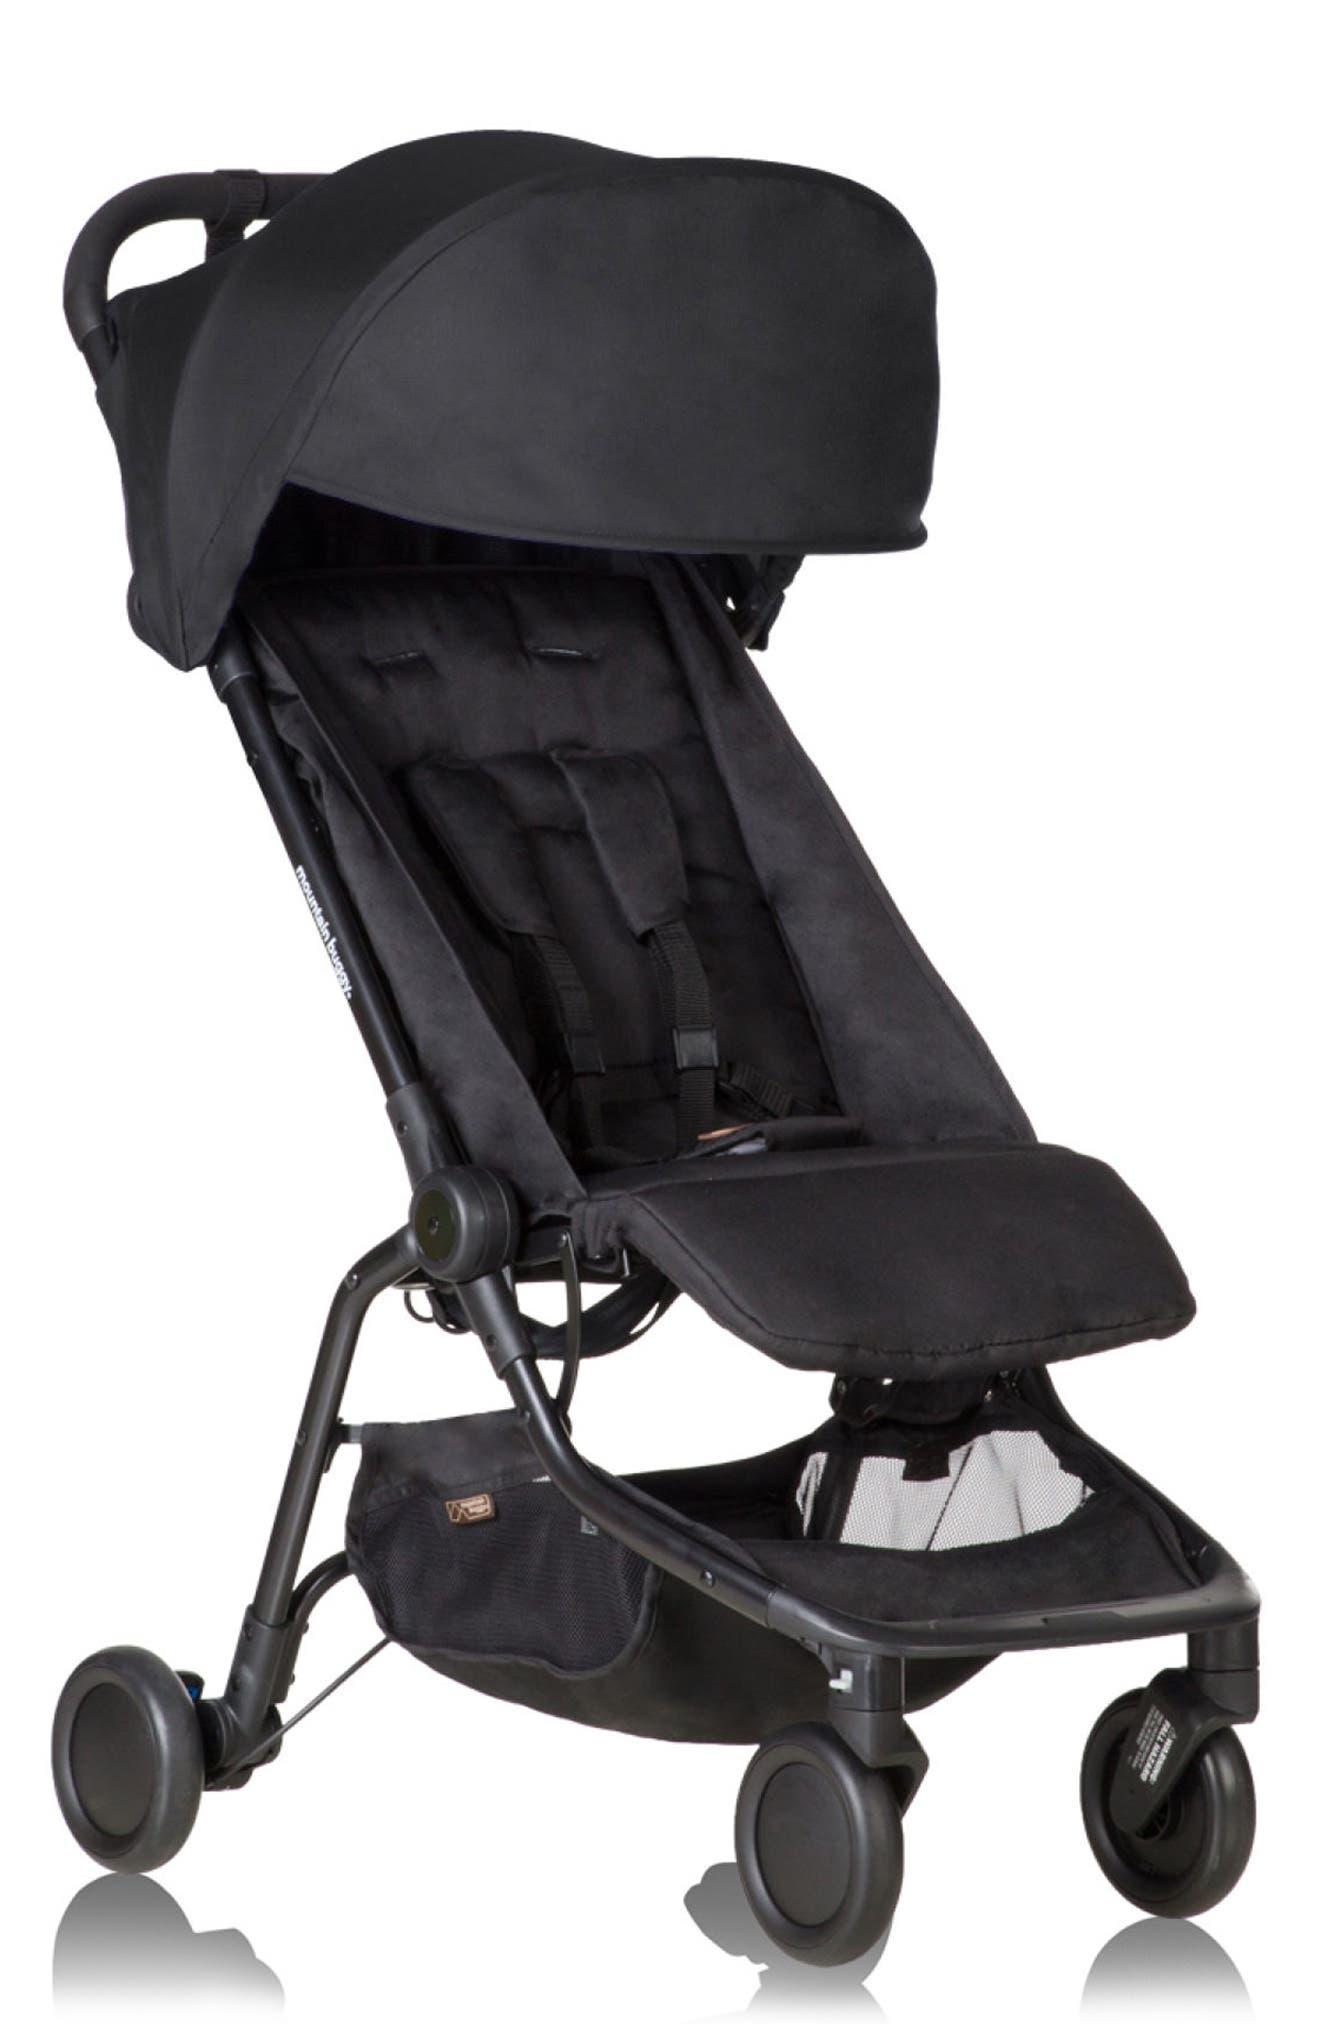 Nano Travel Stroller,                             Alternate thumbnail 2, color,                             BLACK